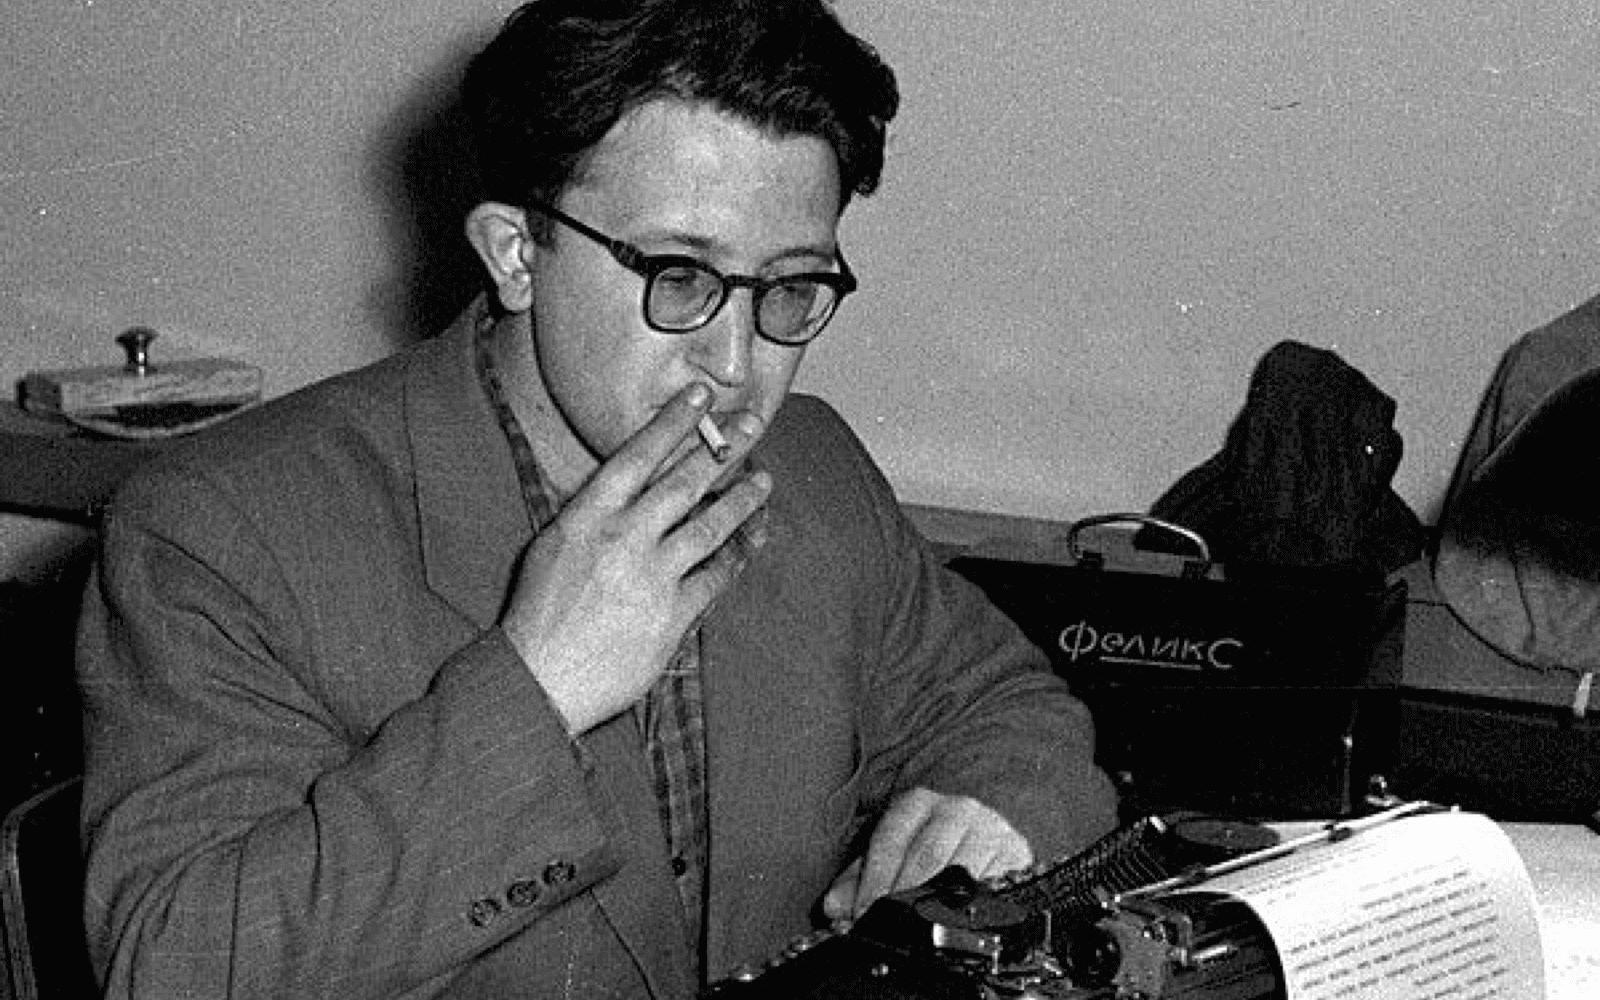 Борис Стругацкий, 1960-е годы